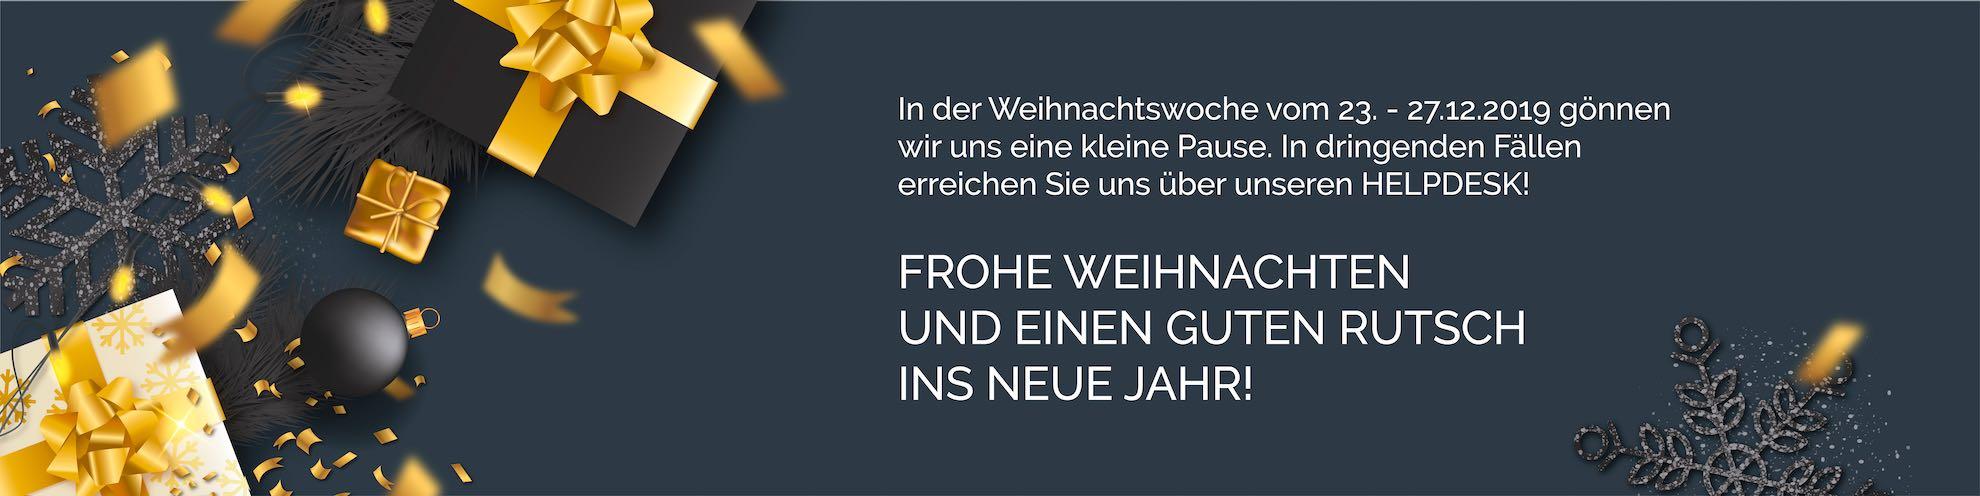 ITLH_WEIHNACHTEN2019_2_GR-03